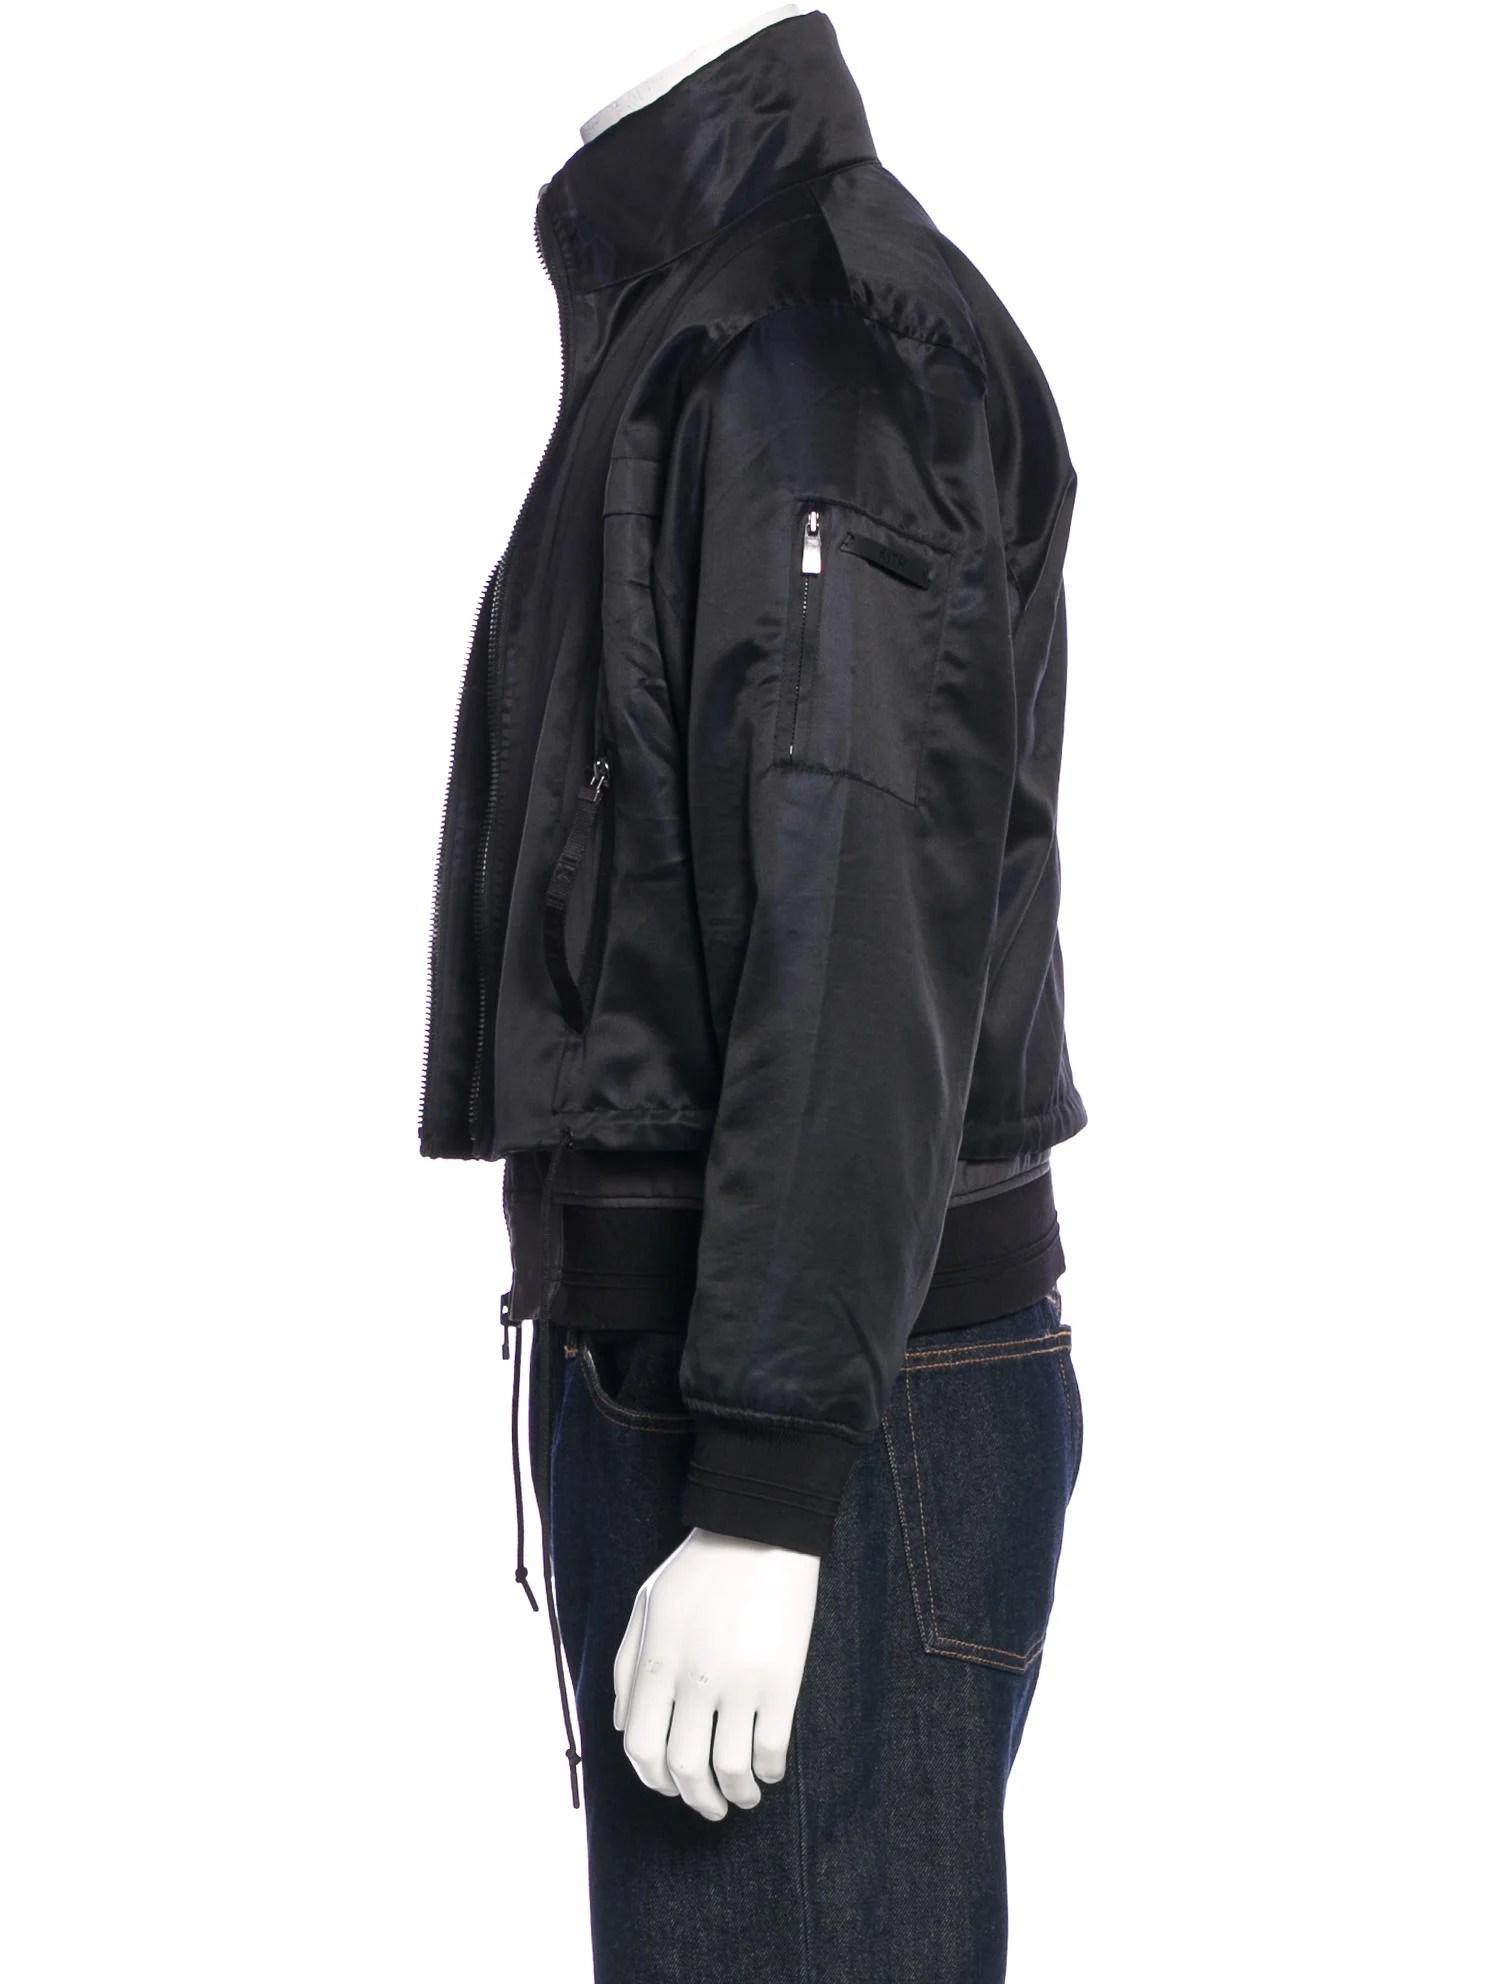 Kith NYC Layered Convertible Jacket - Clothing - WKTIG20001   The RealReal